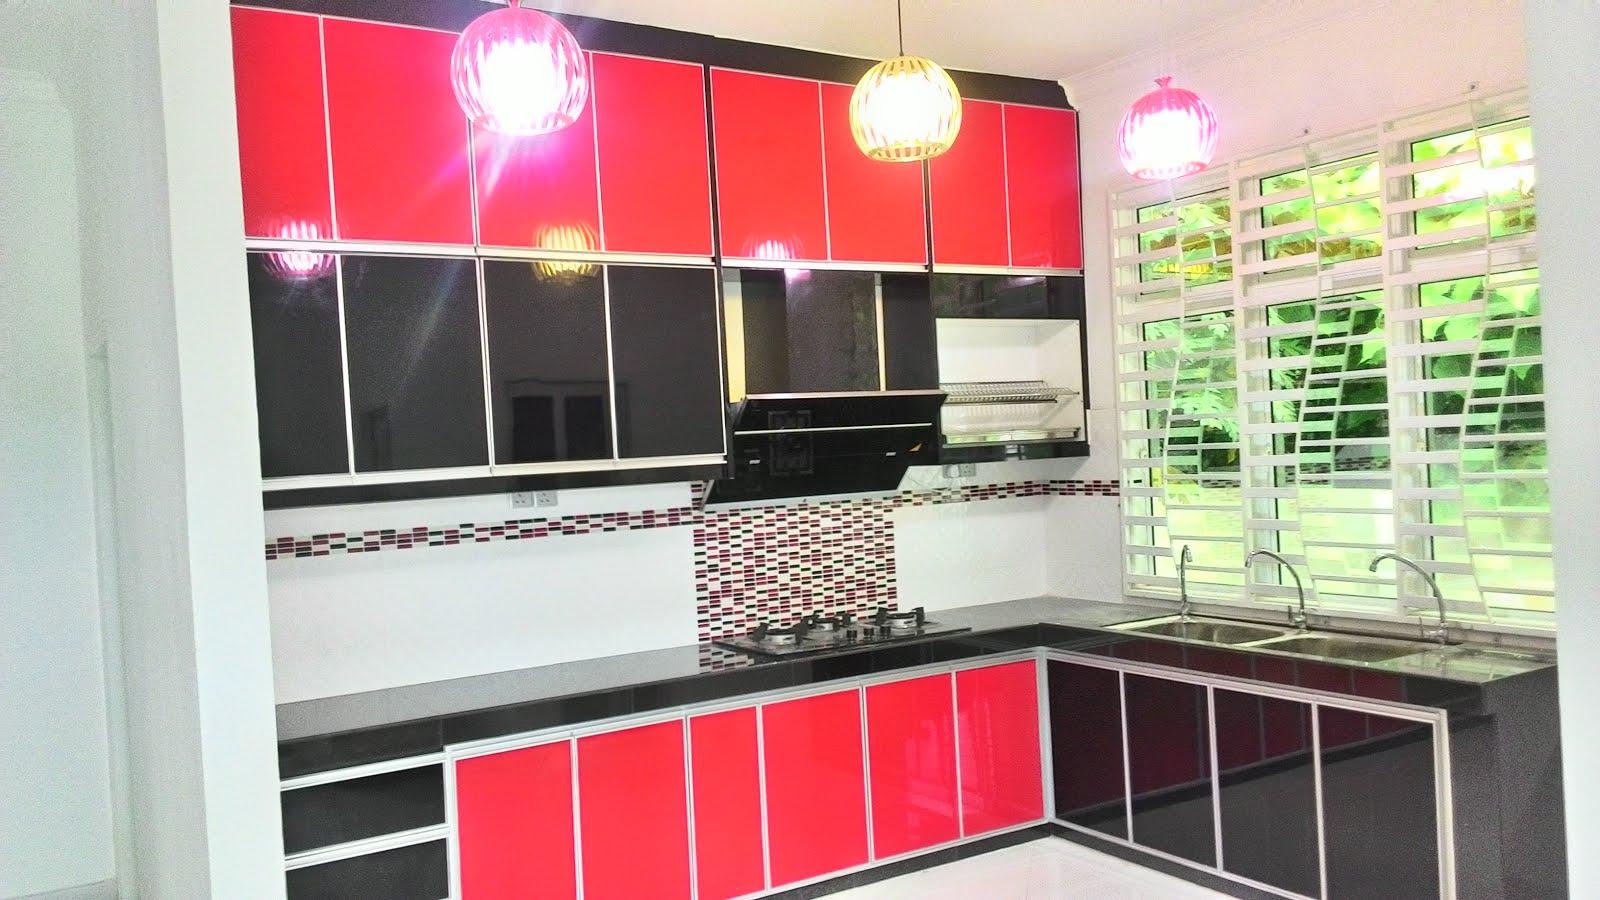 Kabinet Dapur Rumah Banglo Kelantan 10 Tip Pasang Rak Dinding Alumunium